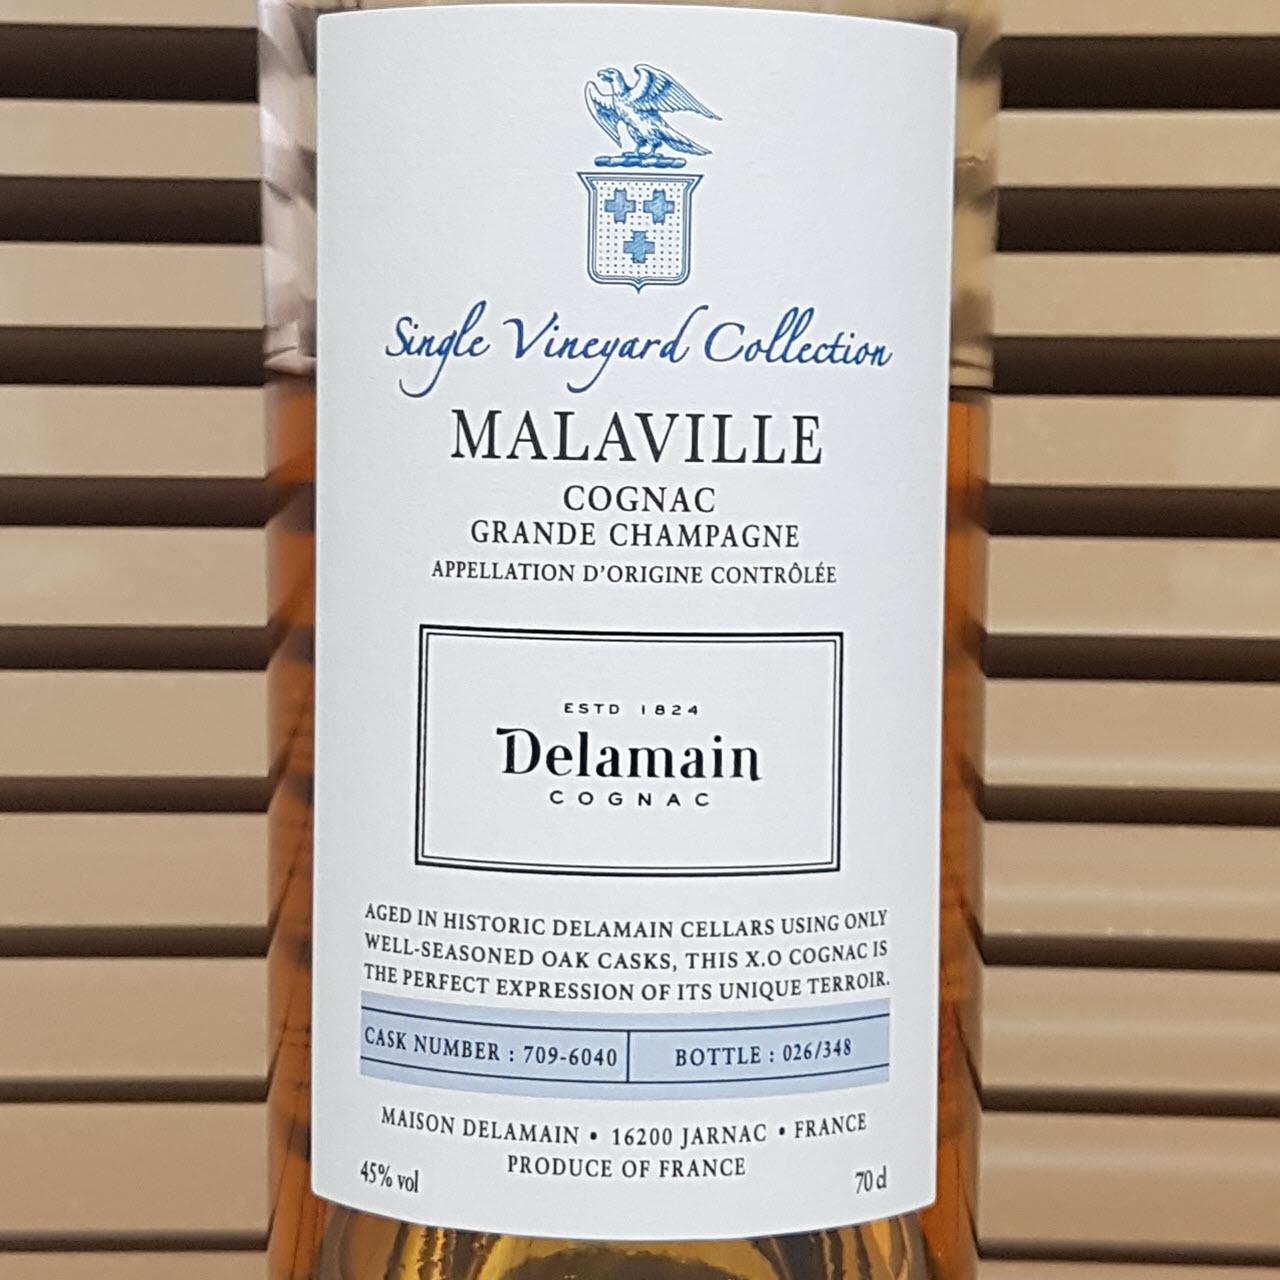 Delamain Grande Champagne Malaville